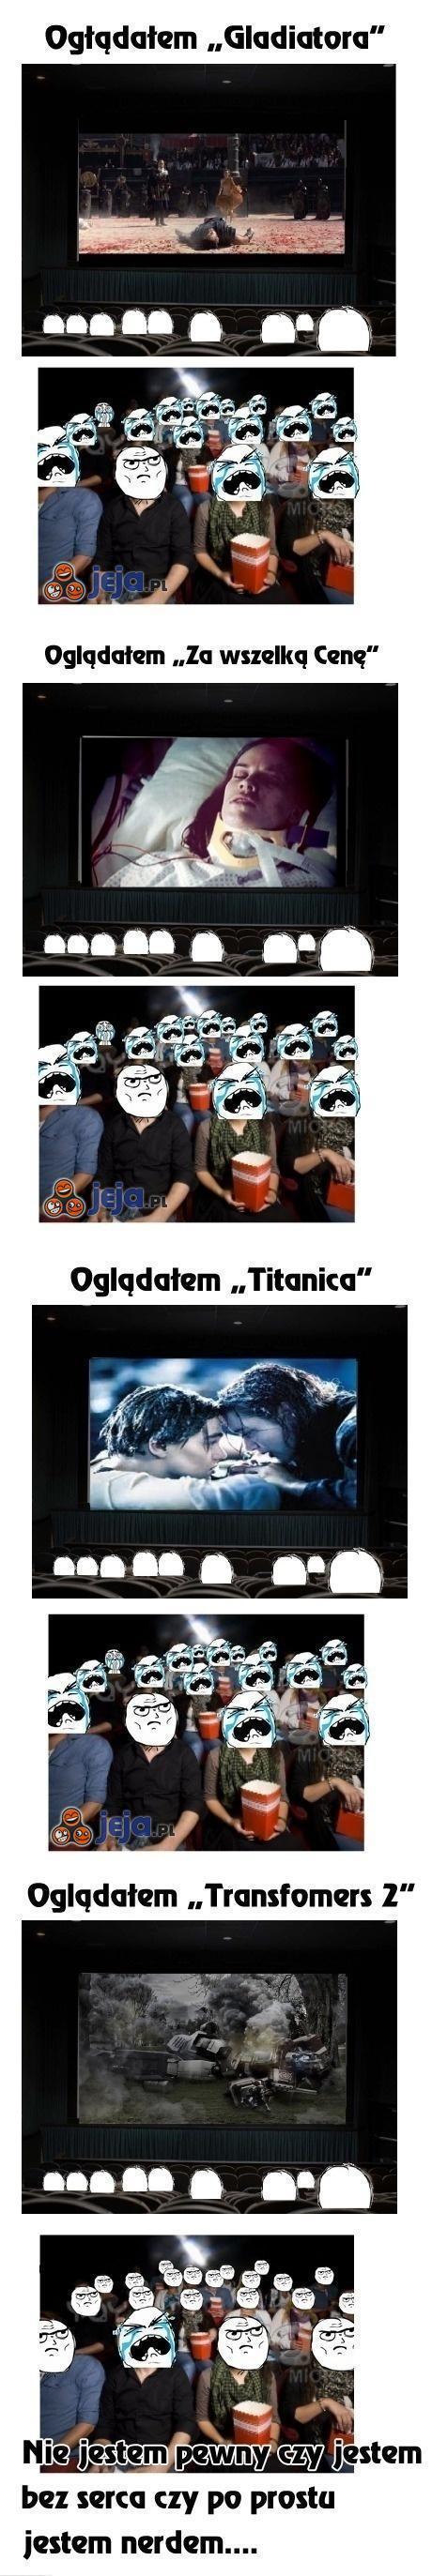 Oglądałem różne filmy...